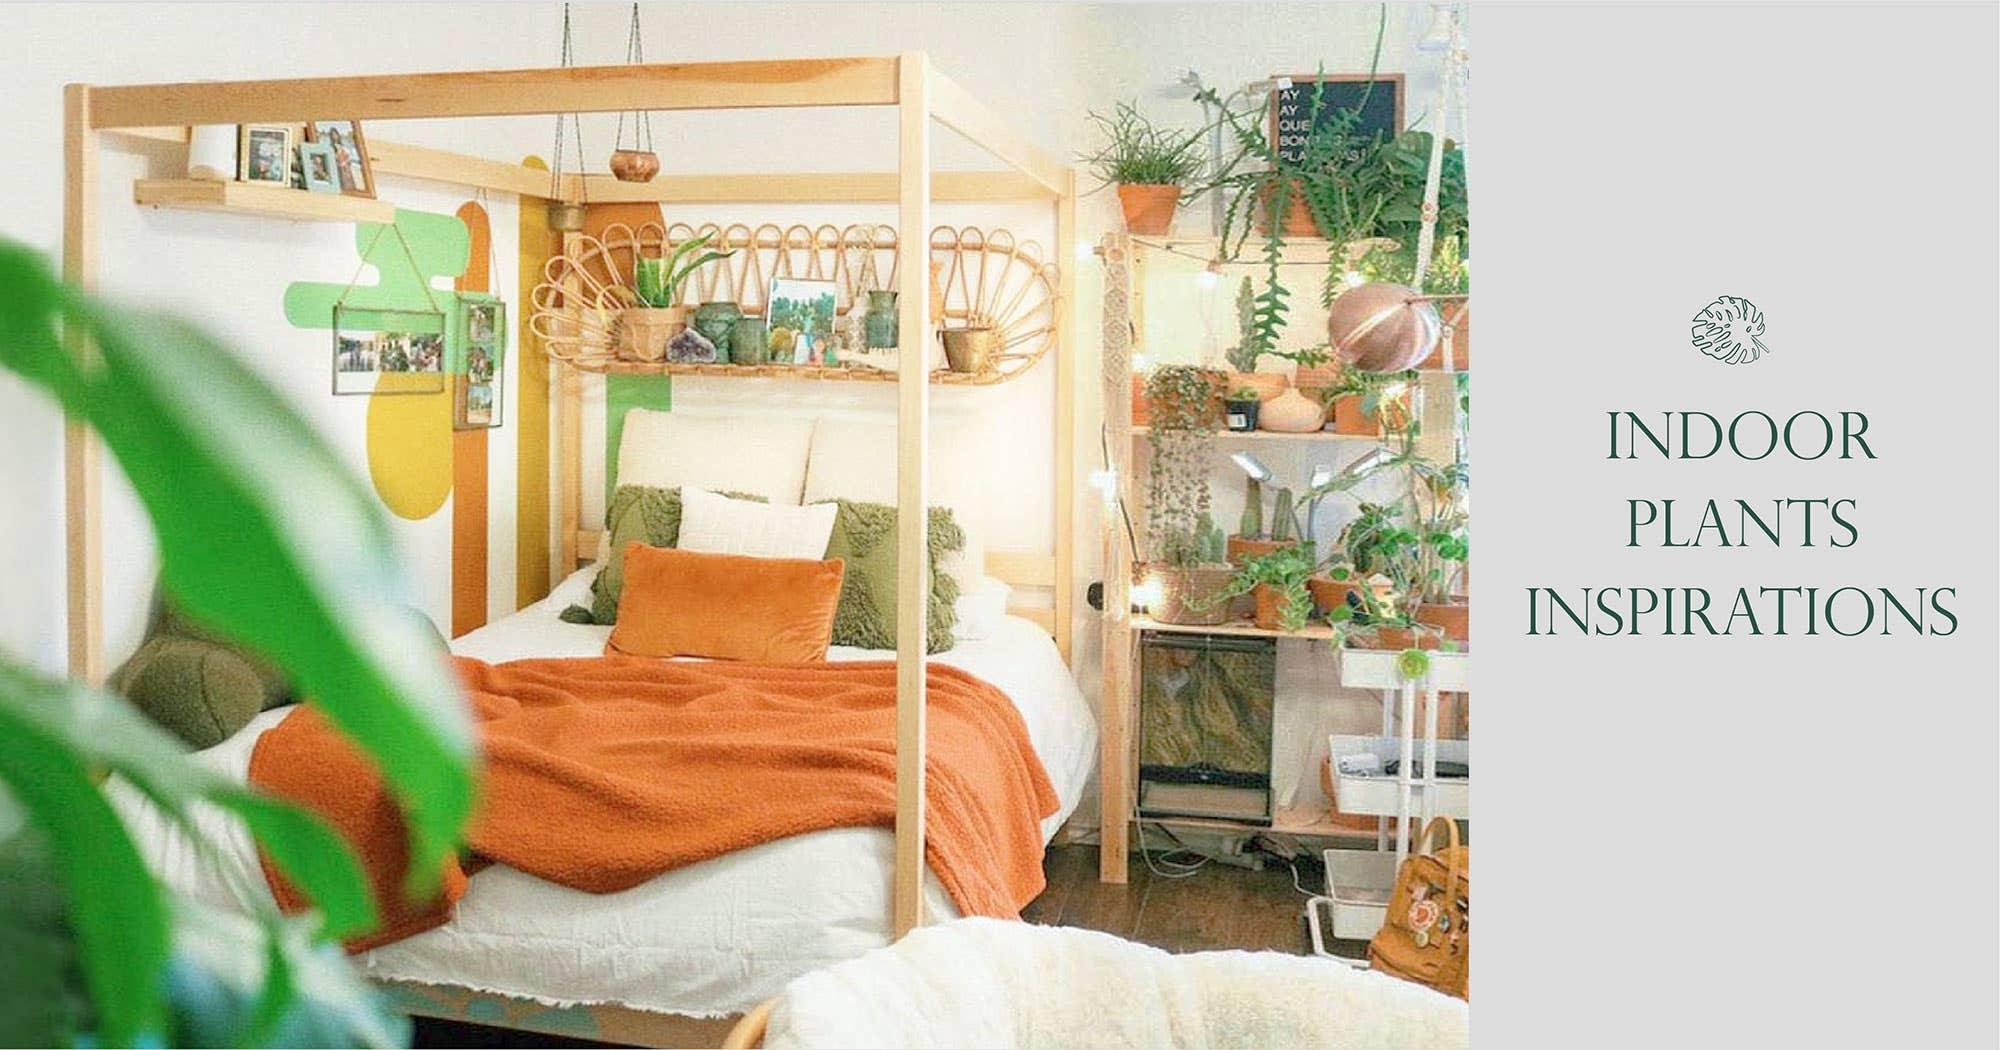 Indoor Plants Inspirations